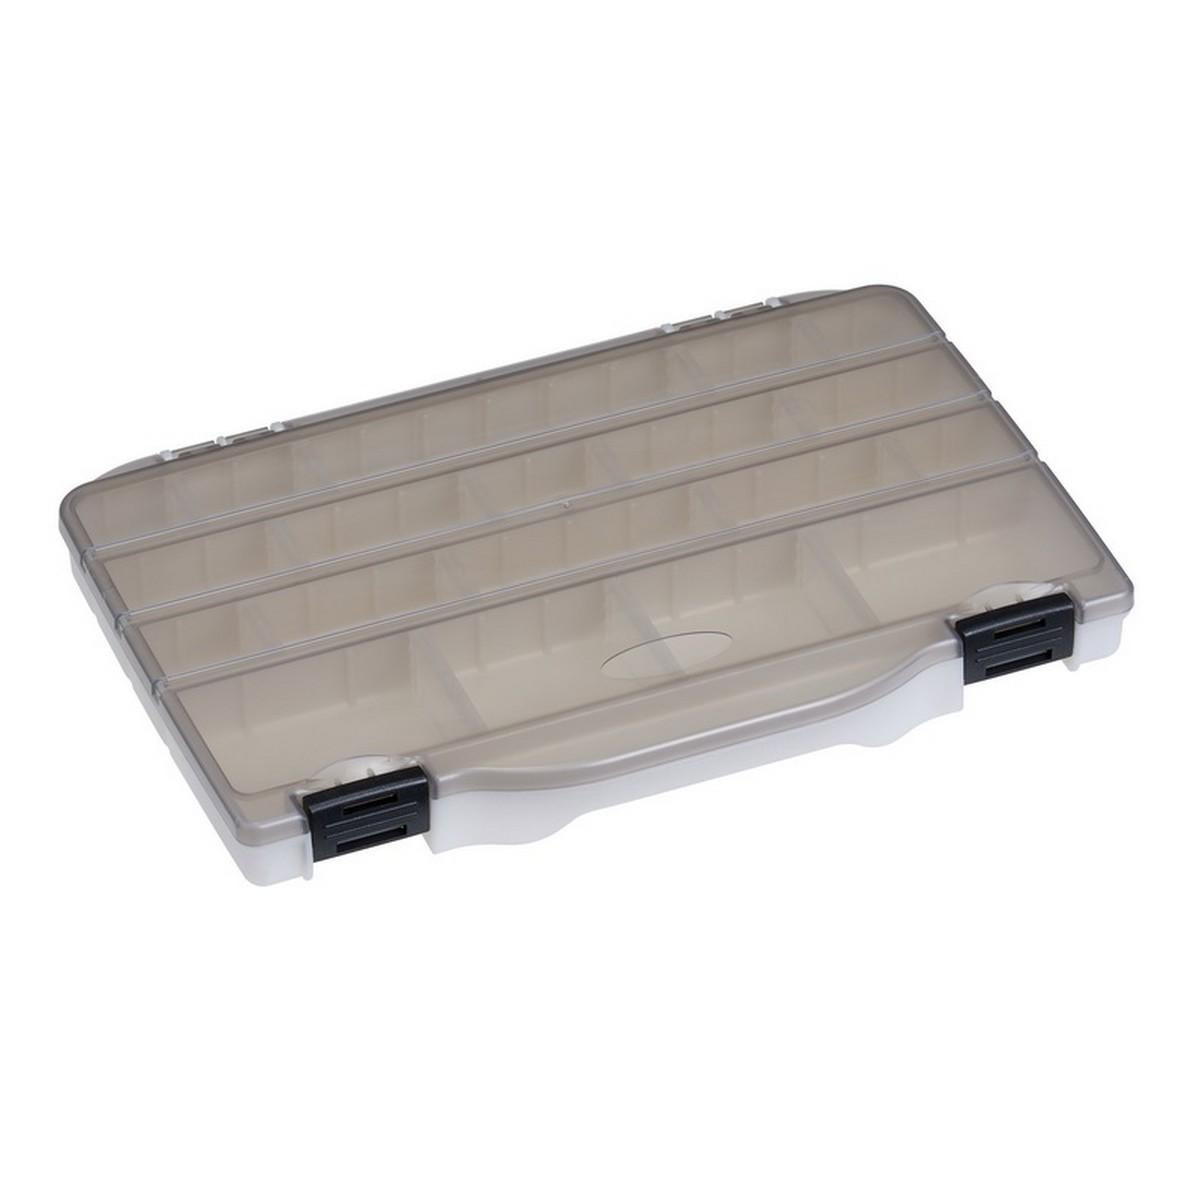 Кутия за принадлежности Plastica Panaro Slim 198